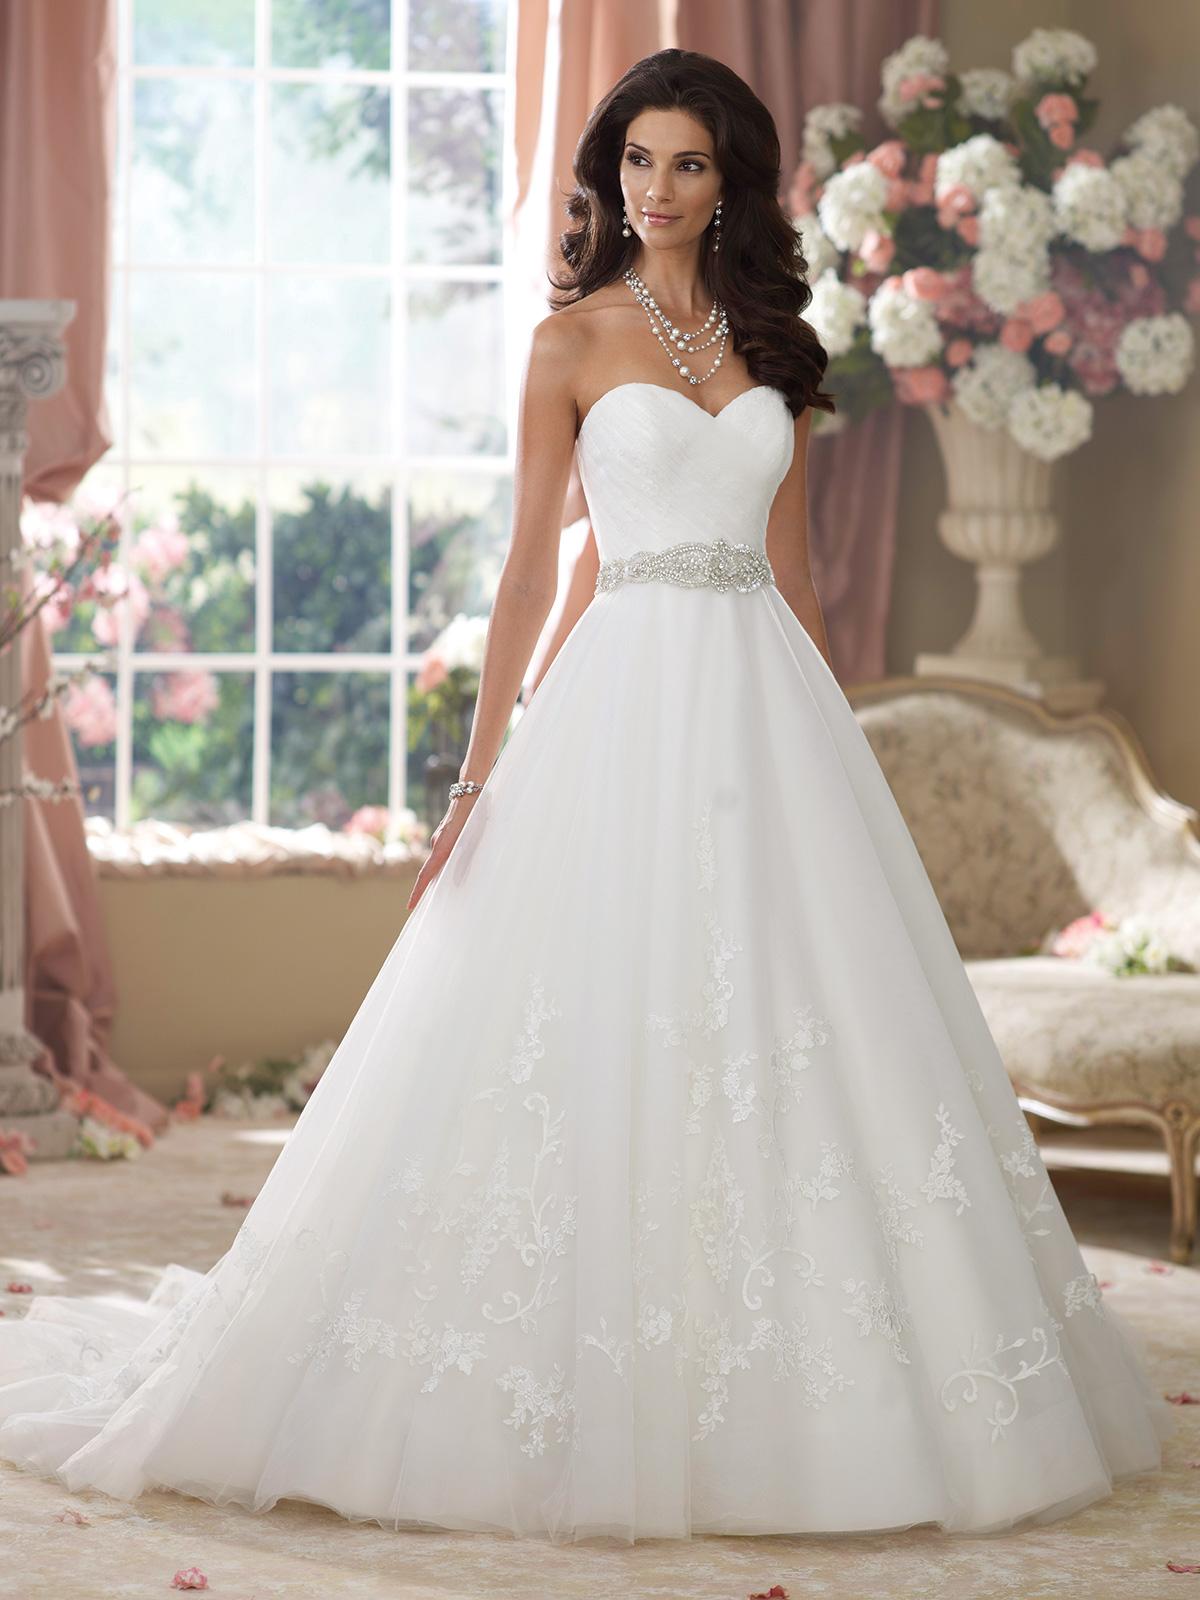 Vestido de Noiva Lissa - Hipnose Alta Costura e Spa para Noivas e Noivos - Campinas - SP Vestido de Noiva, Vestidos de Noiva Princesa, Hipnose Alta Costura, Vestido de Noiva Lissa